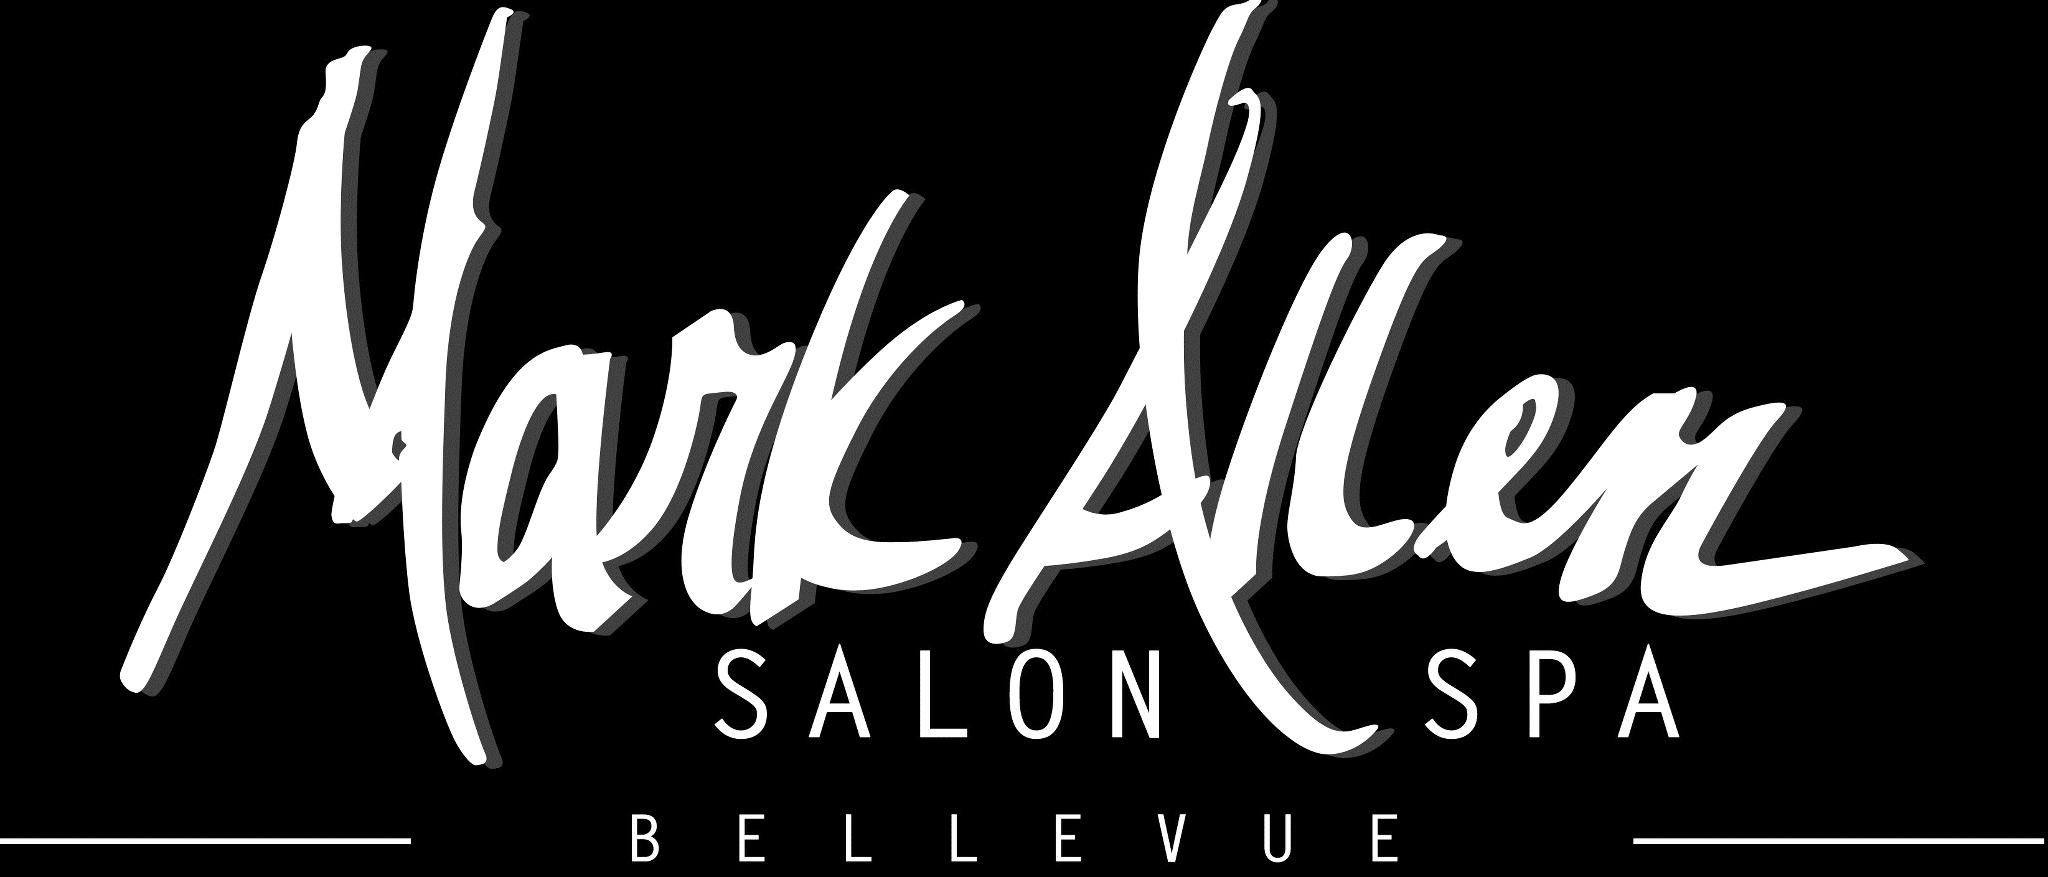 Mark Allen Salon and Spa